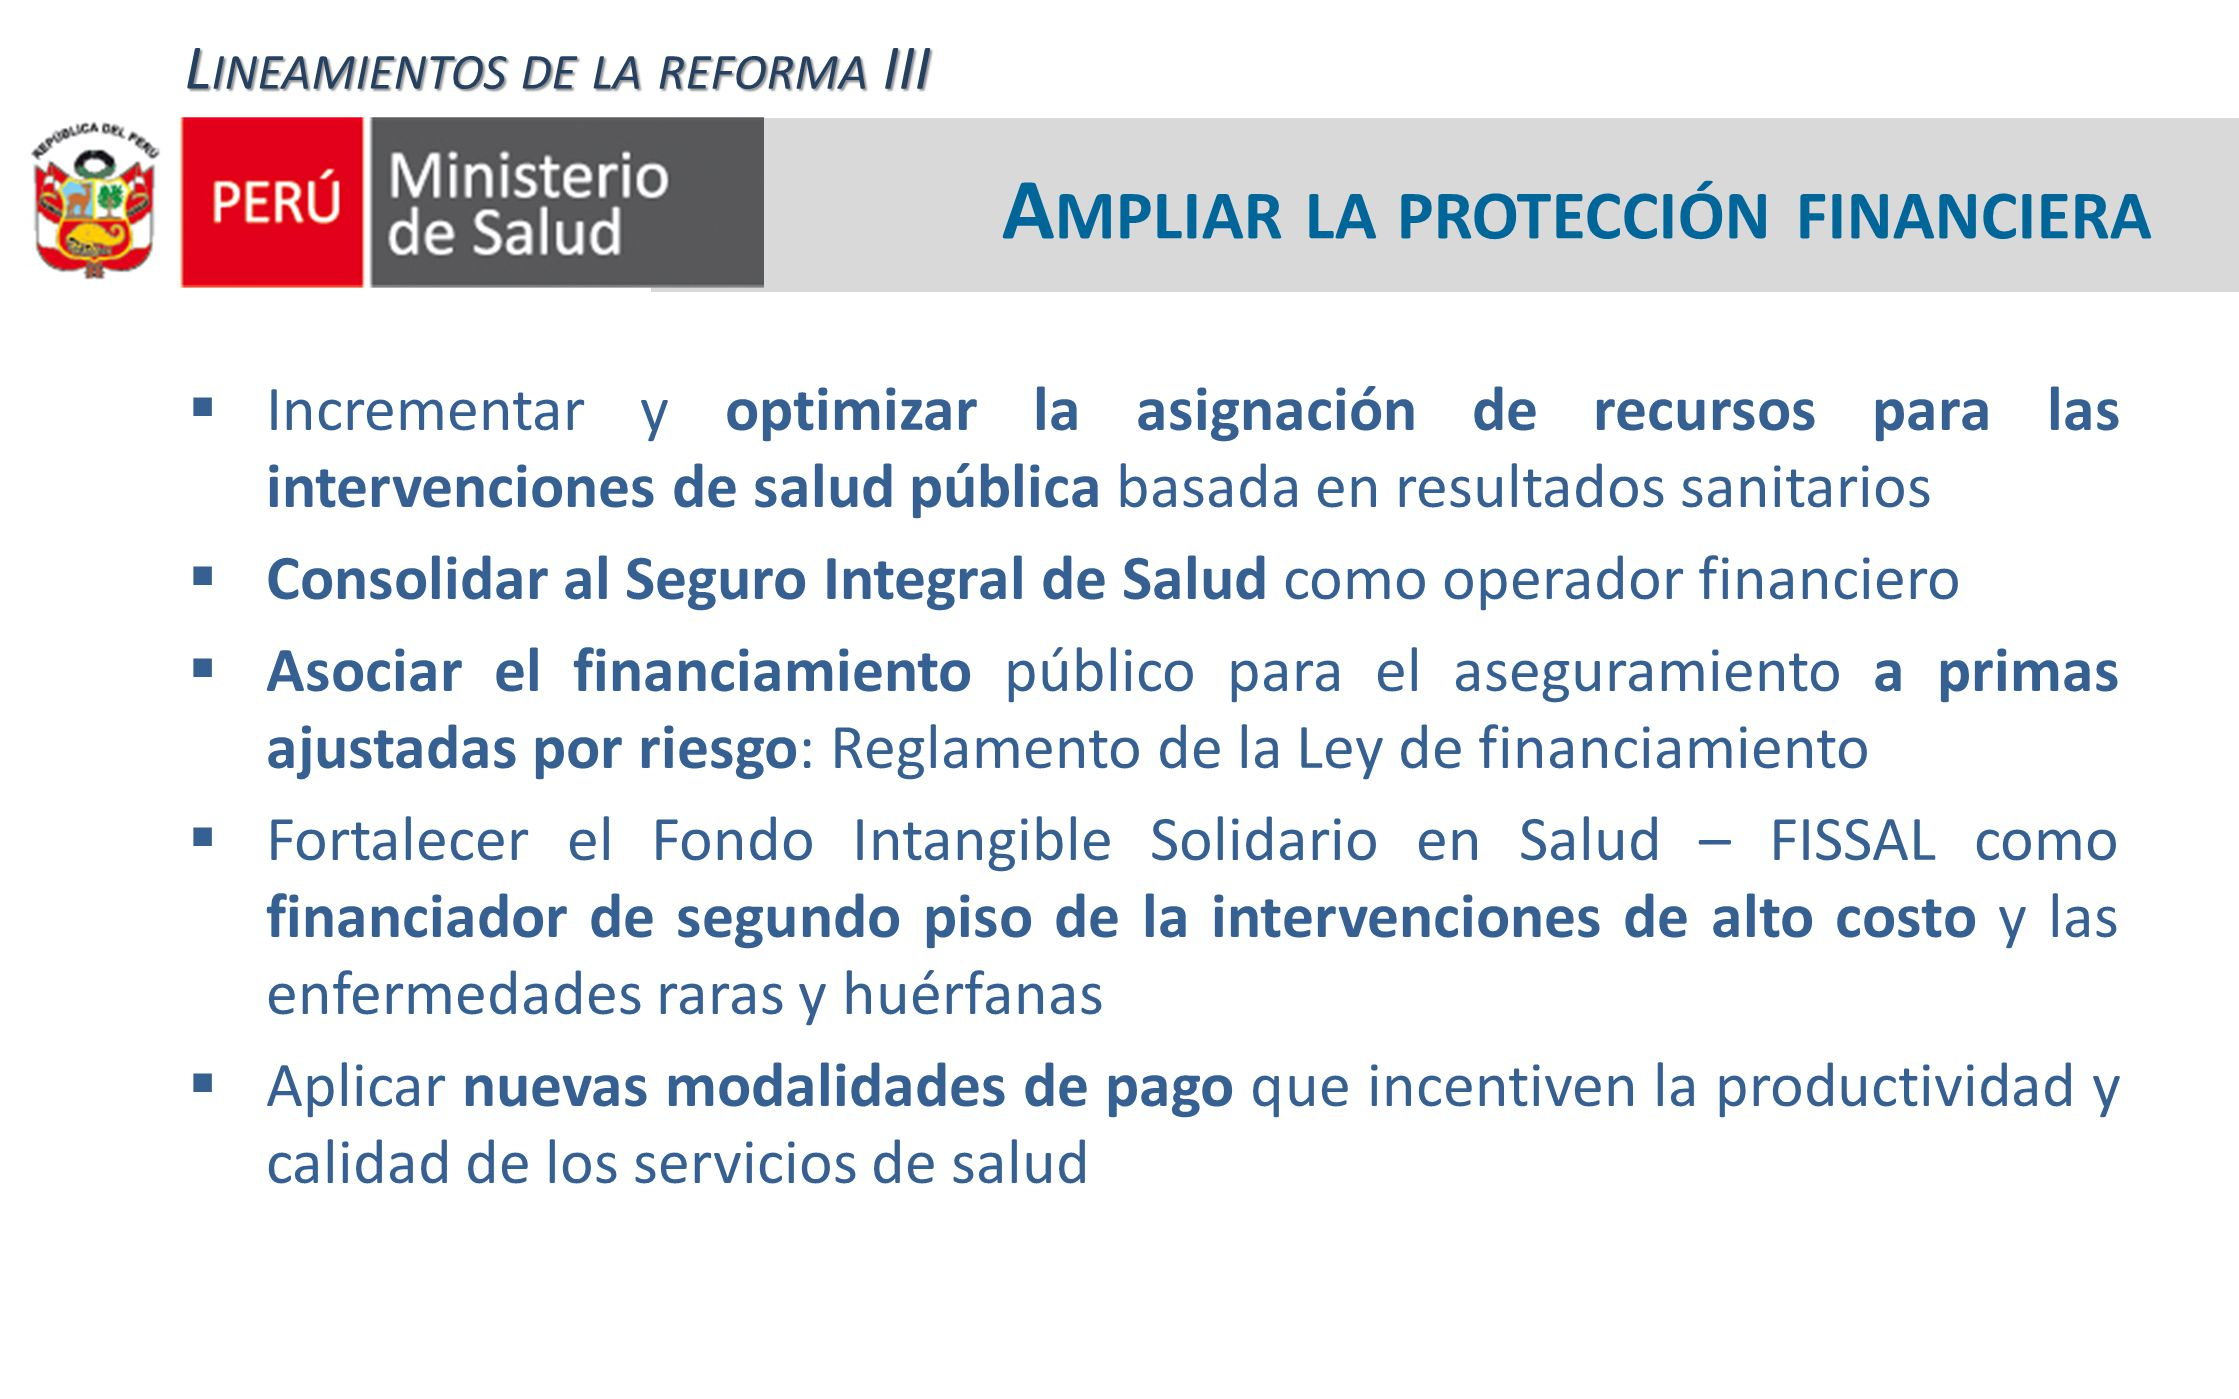 Ampliar la protección financiera